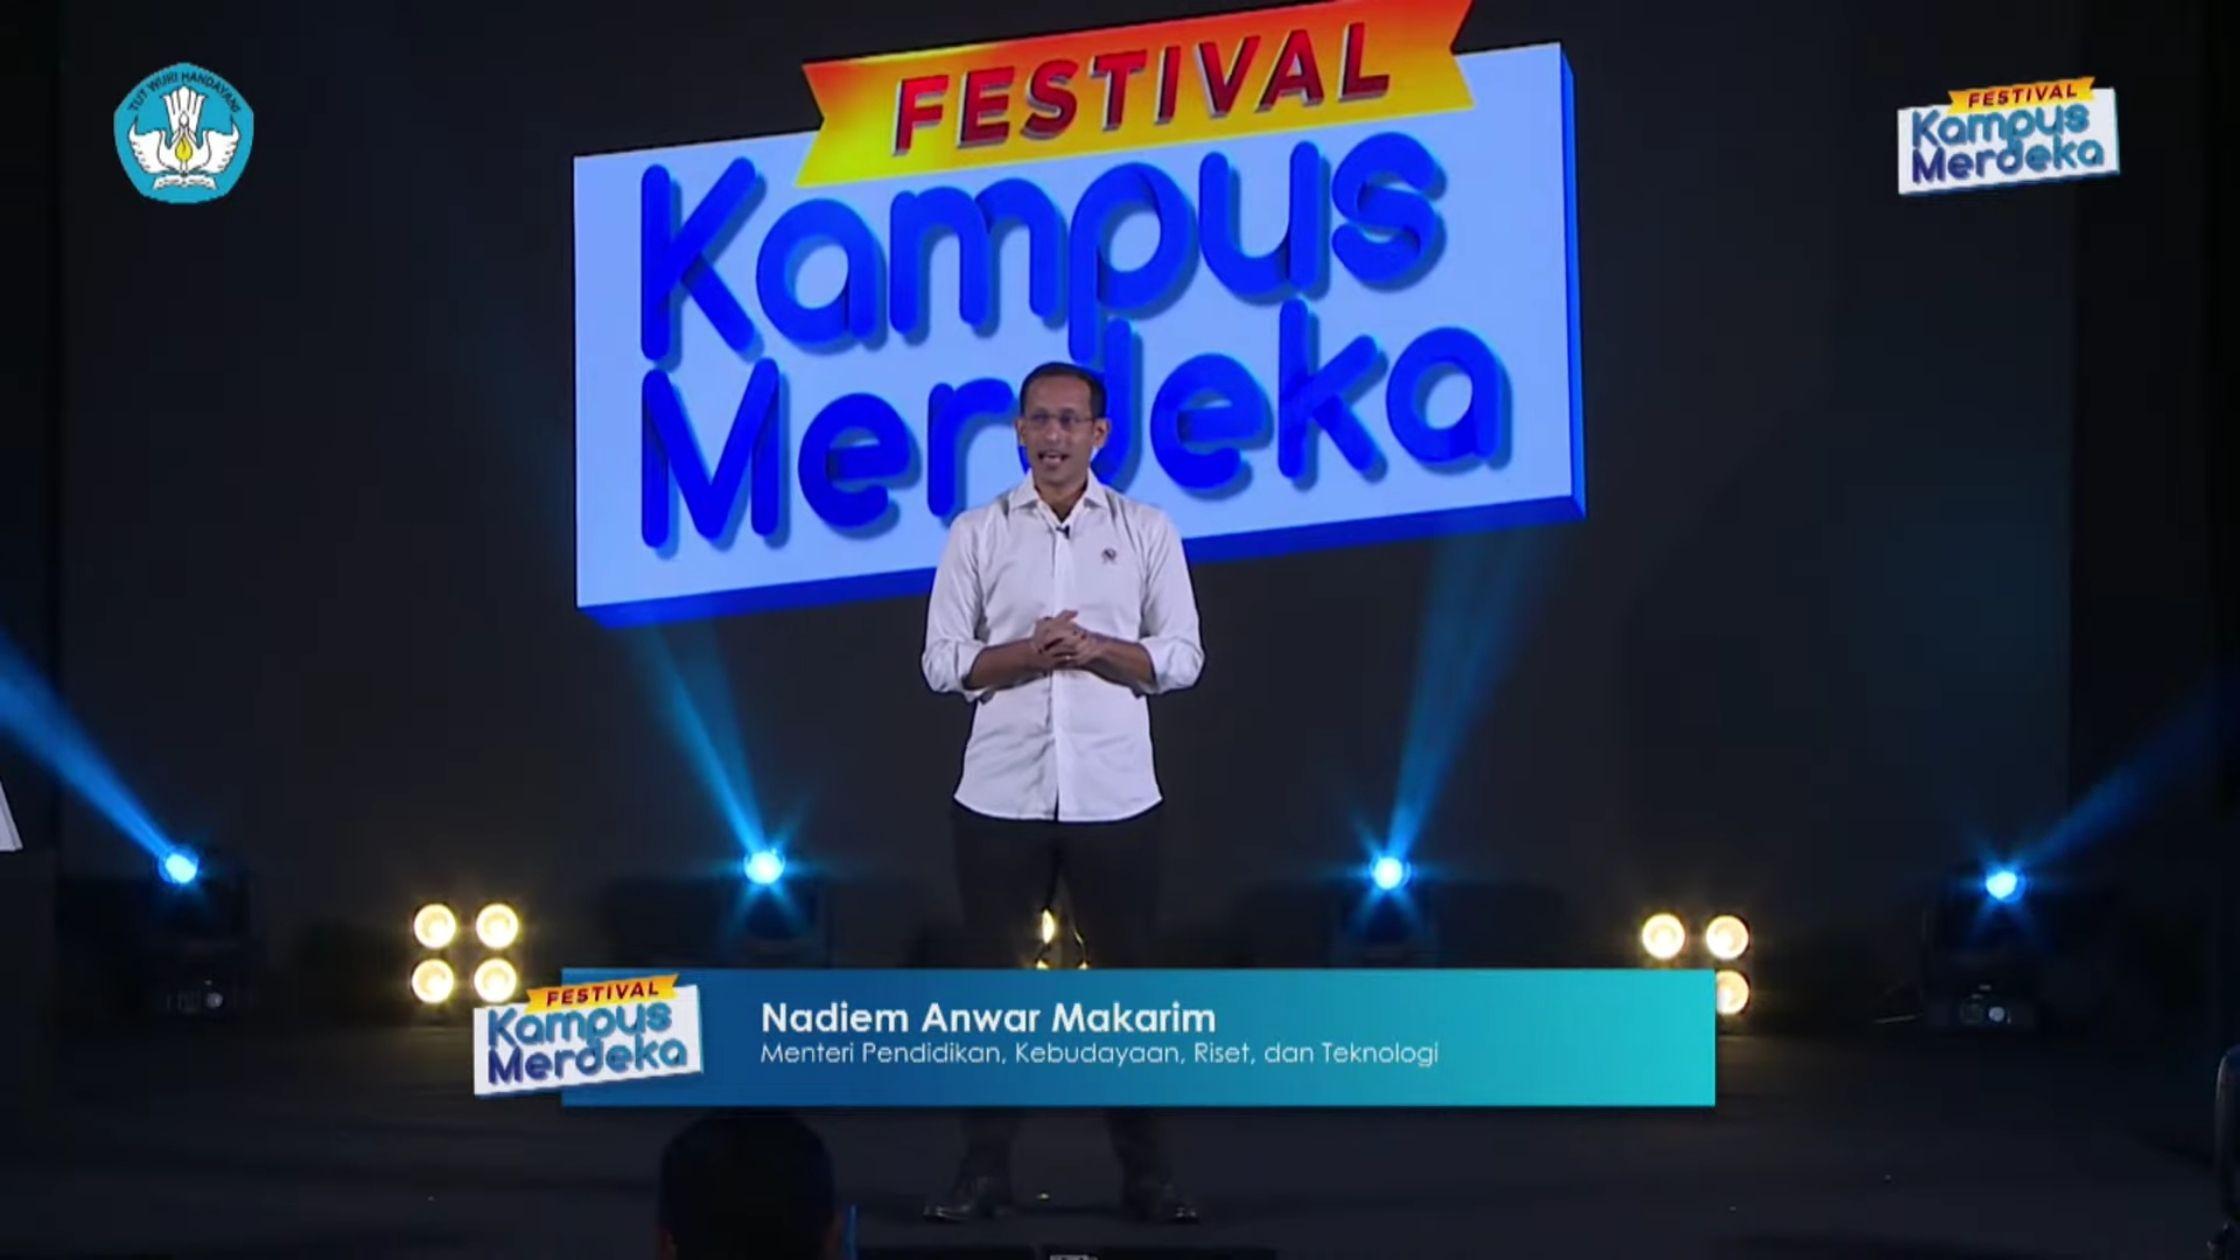 [UPDATE] Merdeka Campus Festival